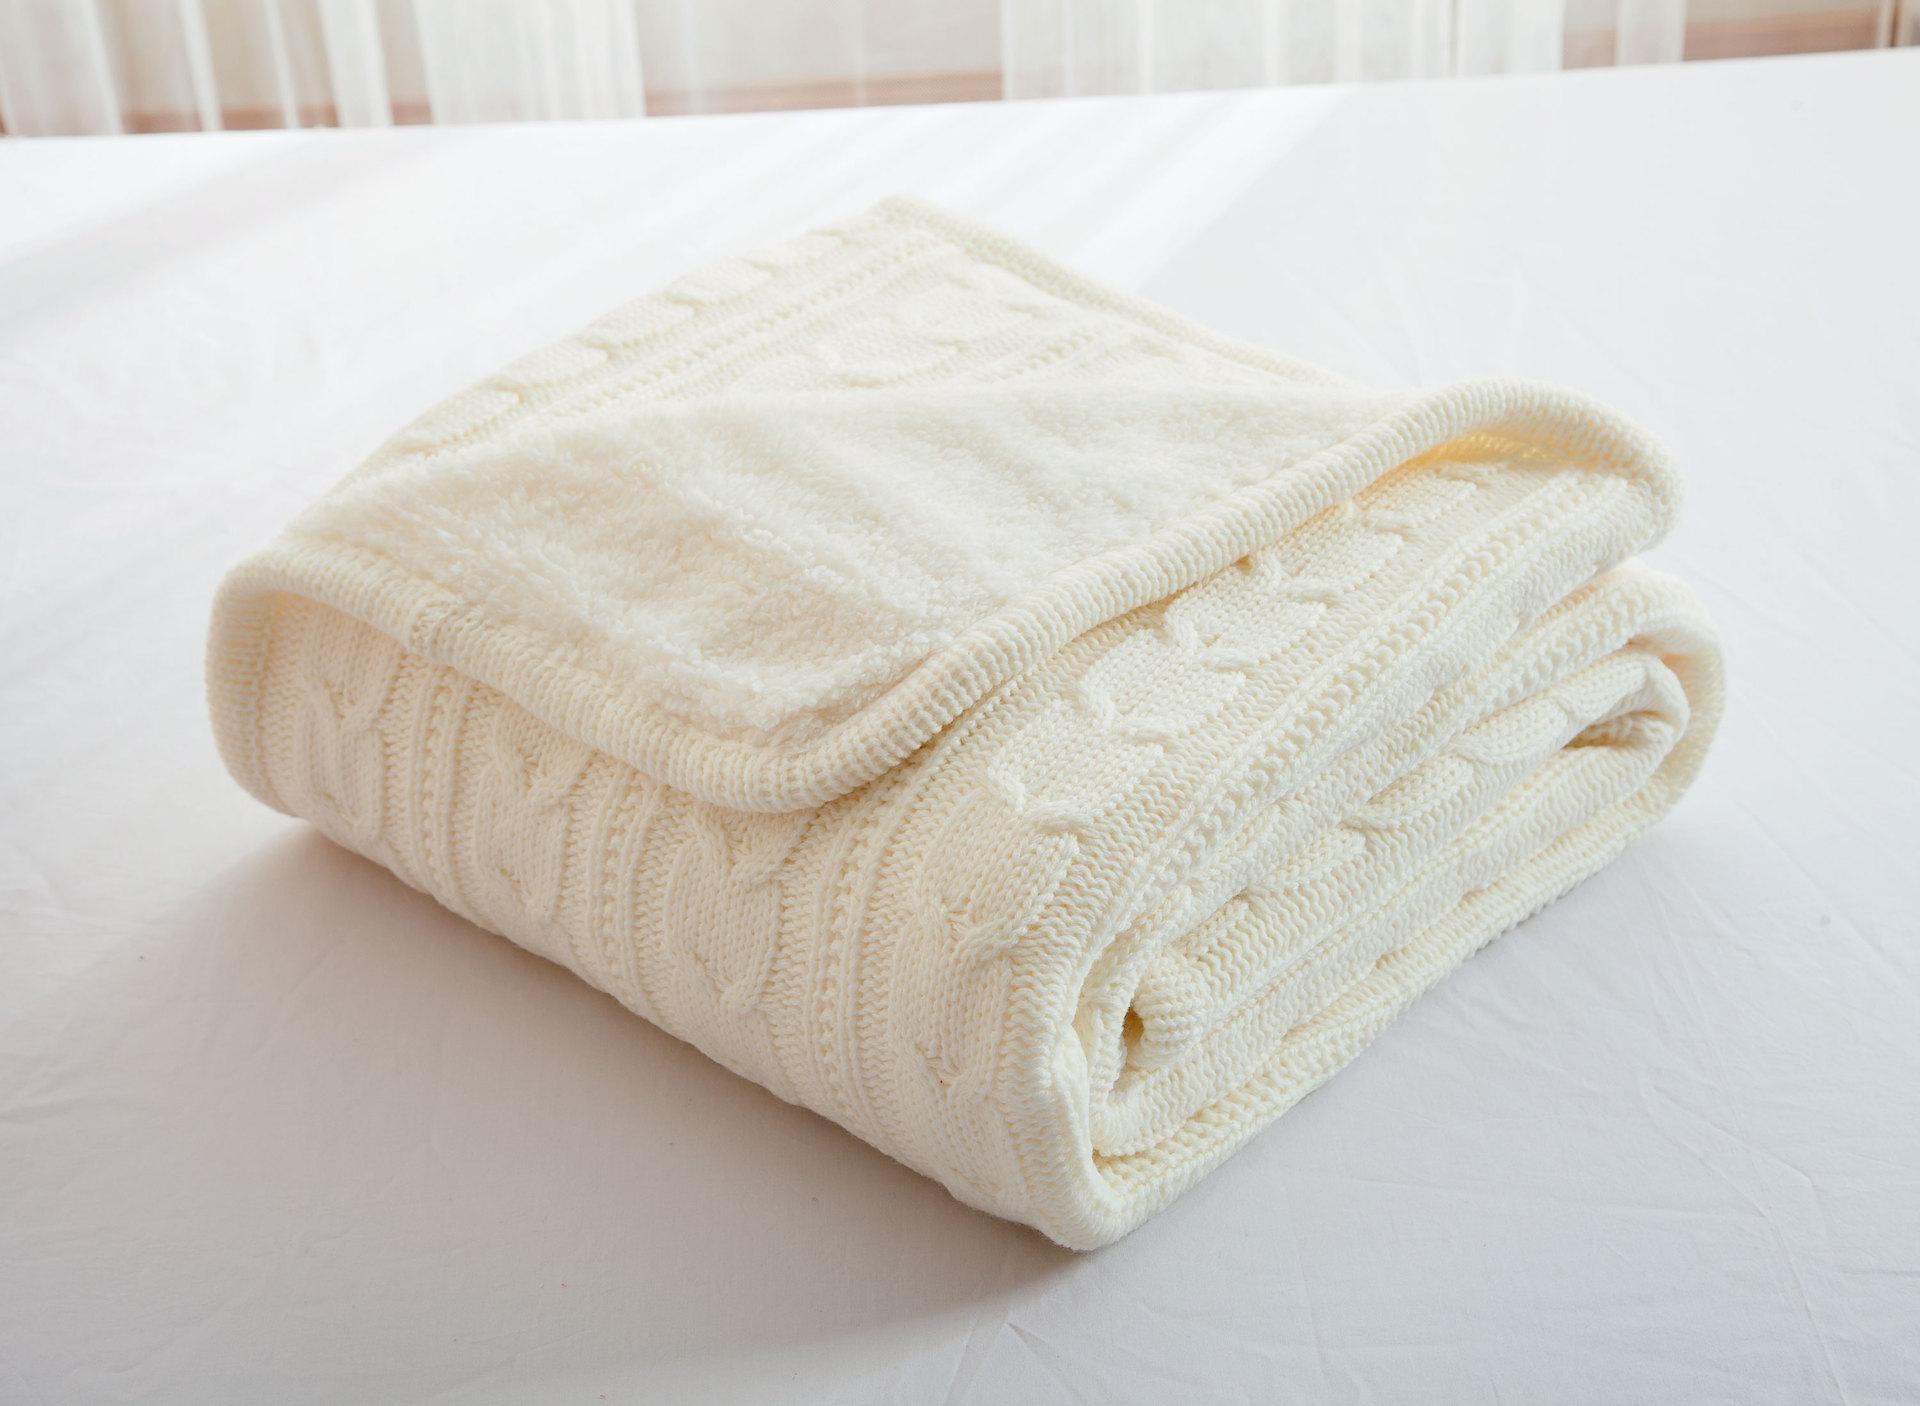 100% хлопок, высокое качество, овечье вельветовое одеяло, зимнее теплое вязаное шерстяное одеяло, диван/покрывало для кровати, одеяло, вязаное... - 5